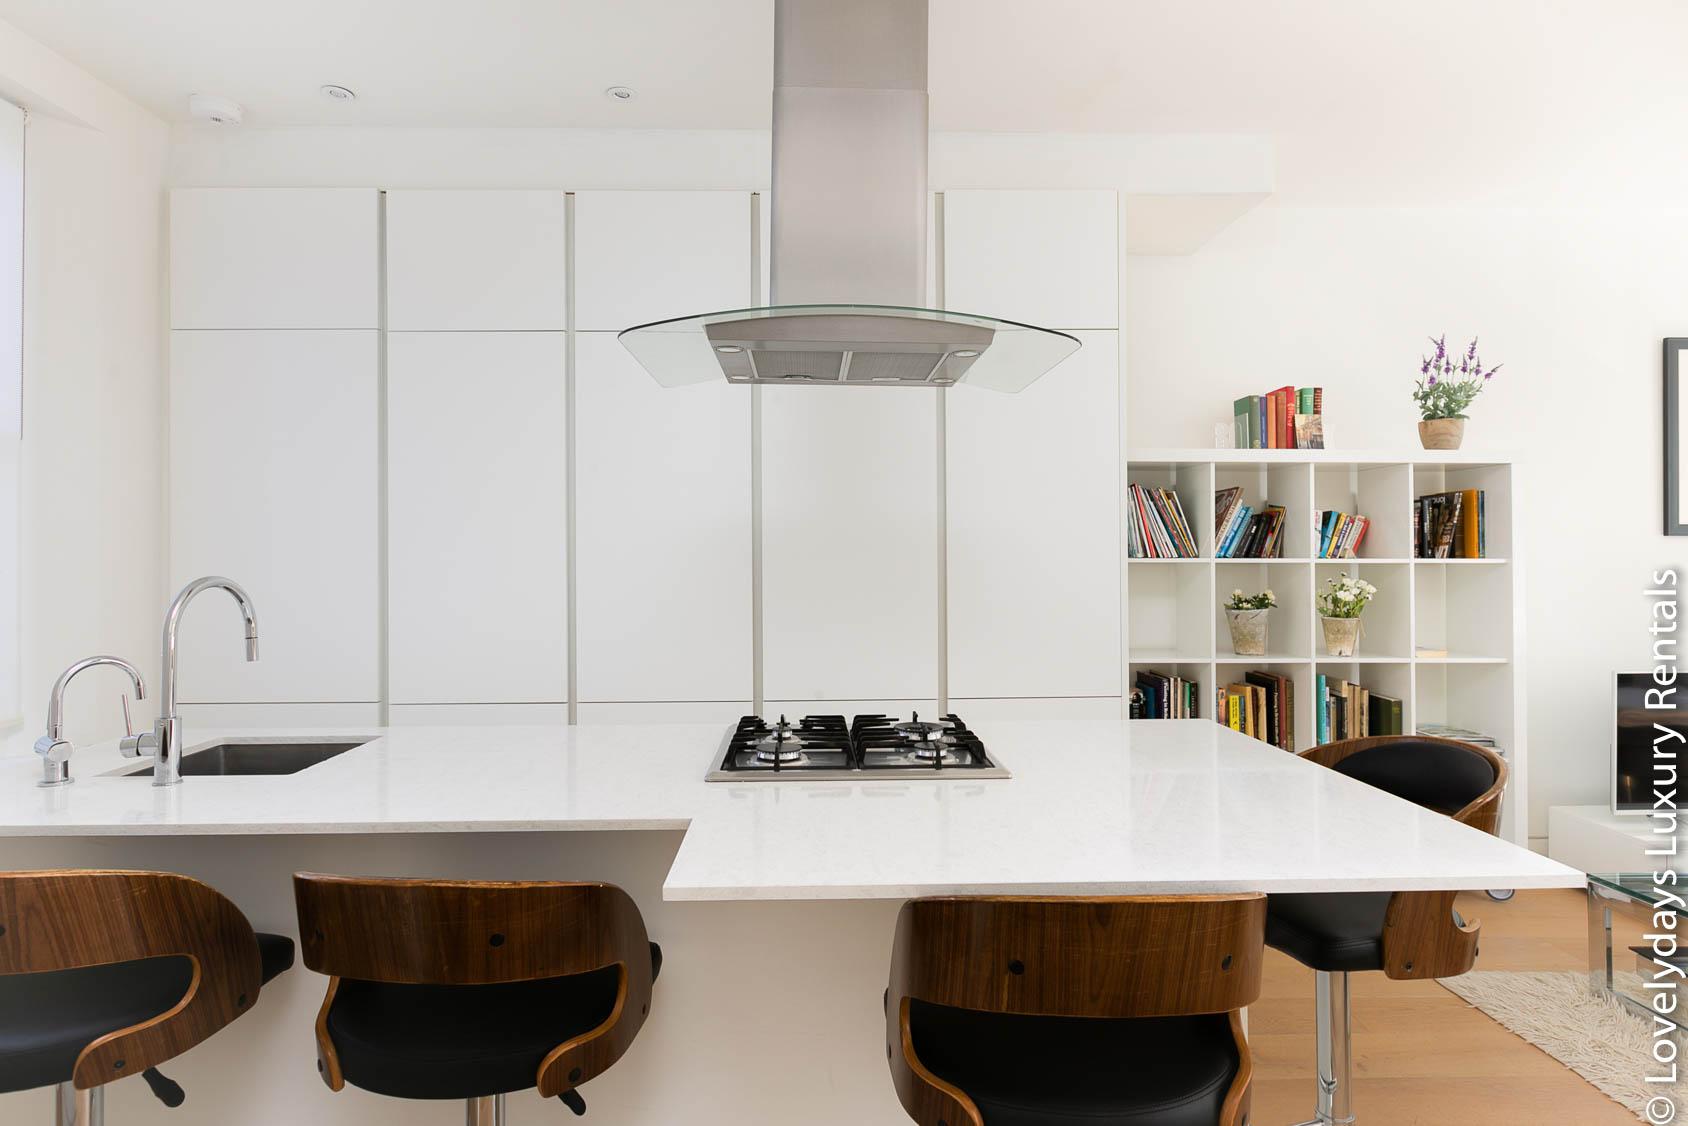 Lovelydays luxury service apartment rental - London - Fitzrovia - Foley Street - Lovelysuite - 2 bedrooms - 2 bathrooms - Luxury kitchen - 695f75a533b0 - Lovelydays